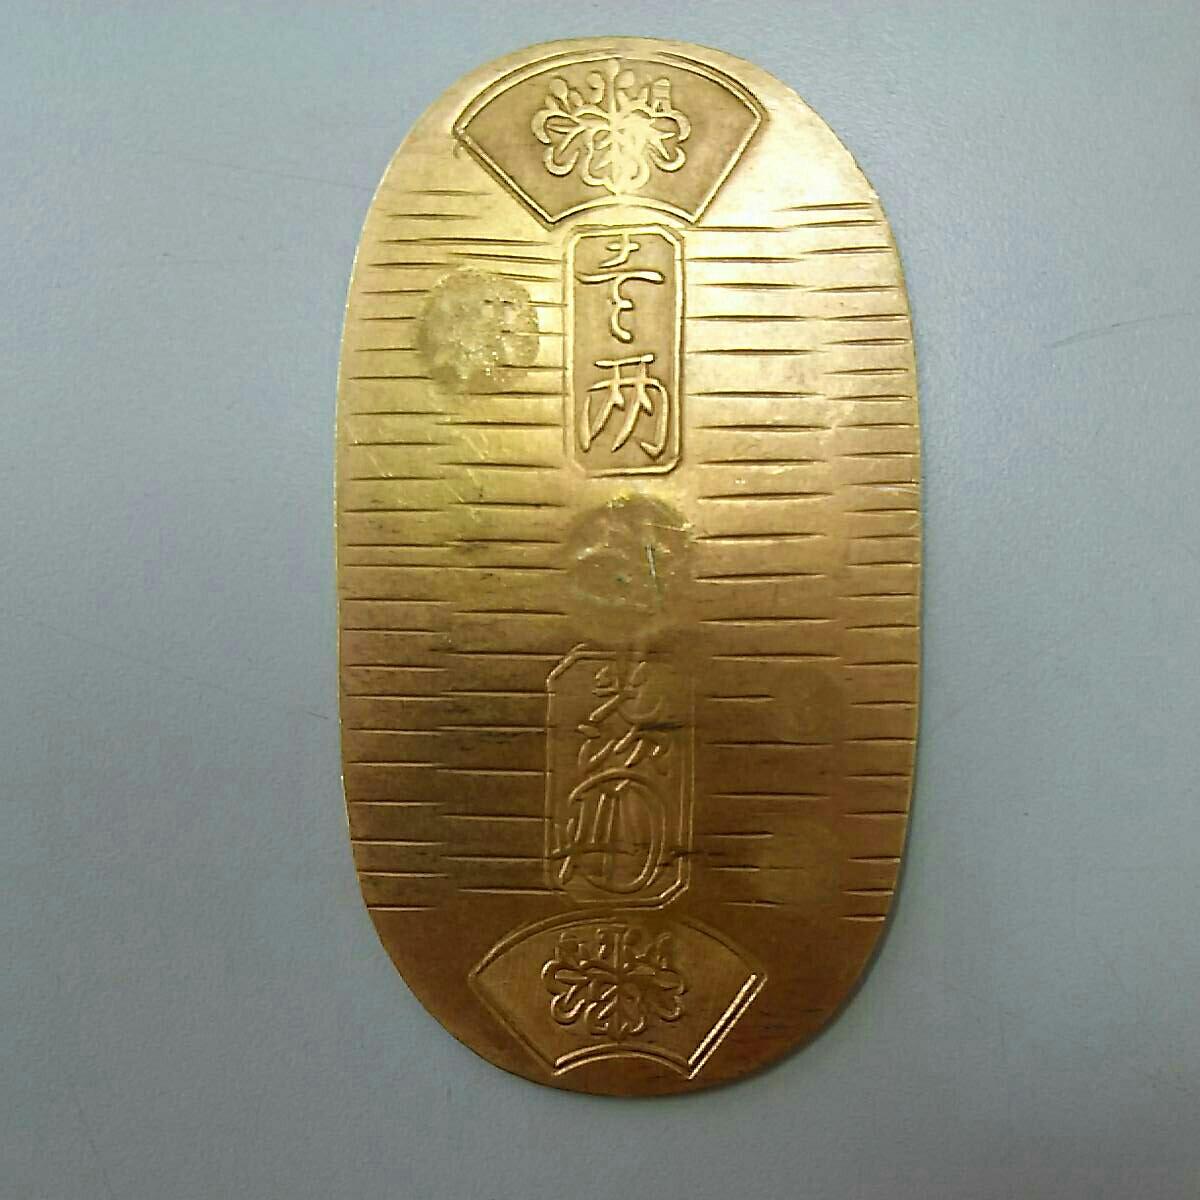 天保小判 金含有約55% 重さ約11.2グラム